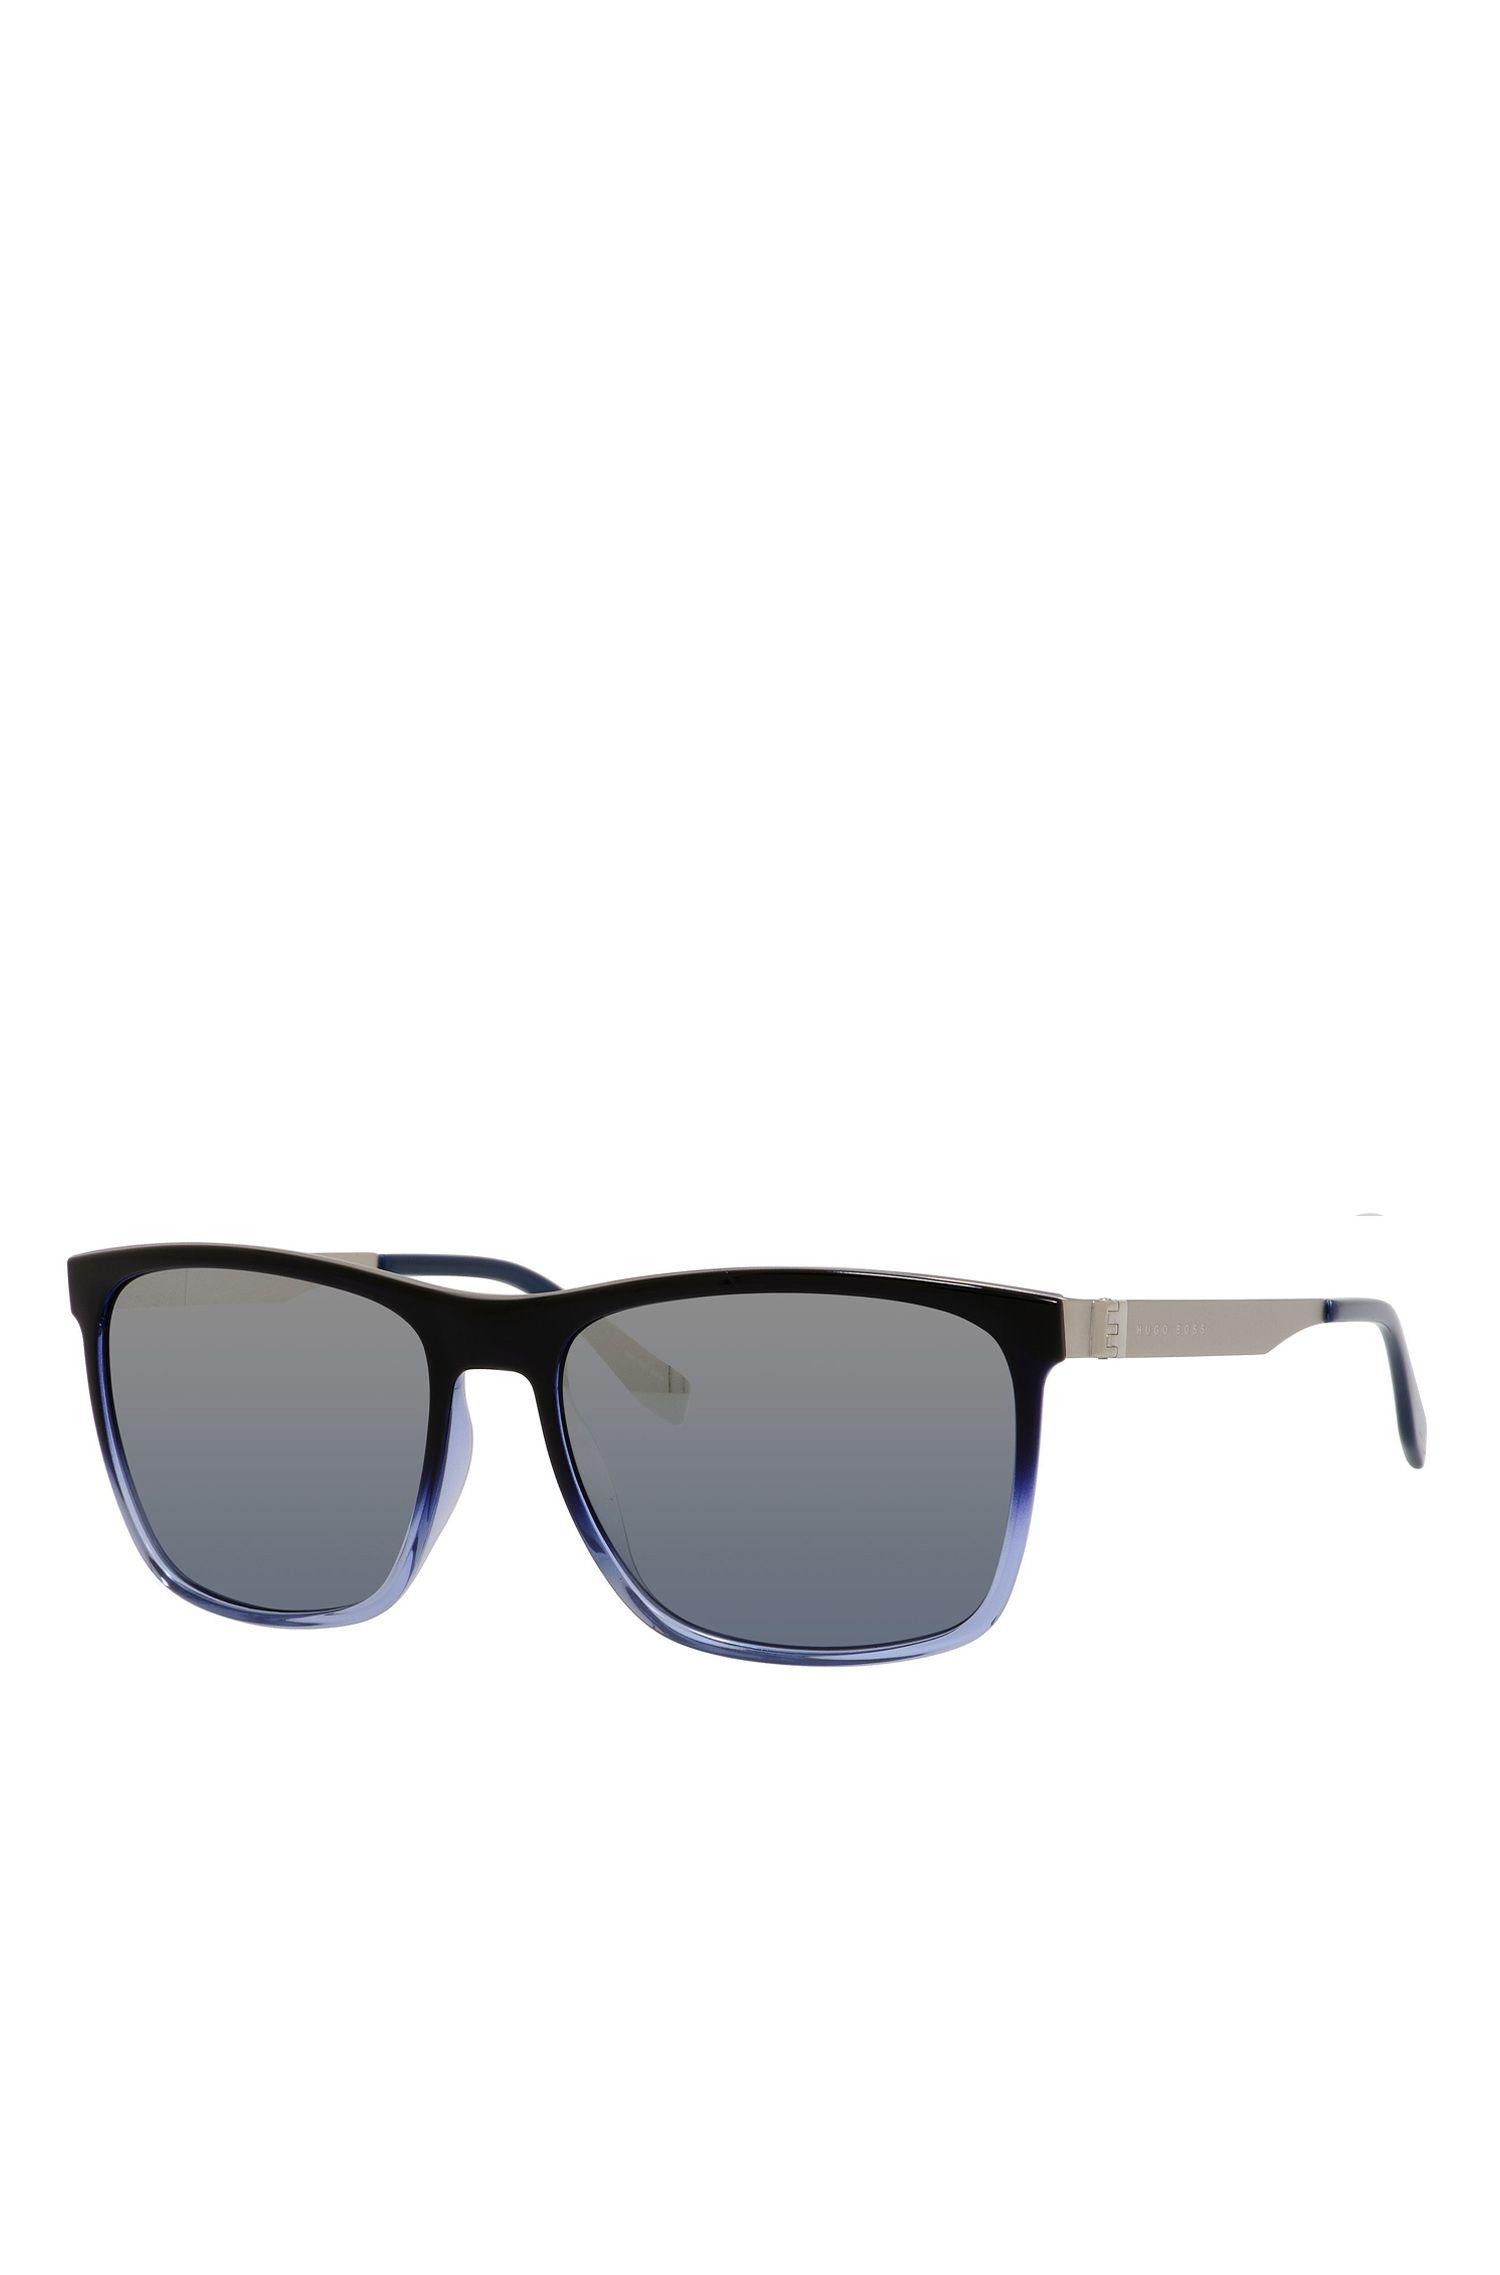 Blue Gradient Lens Rectangular Sunglasses | BOSS 0671S